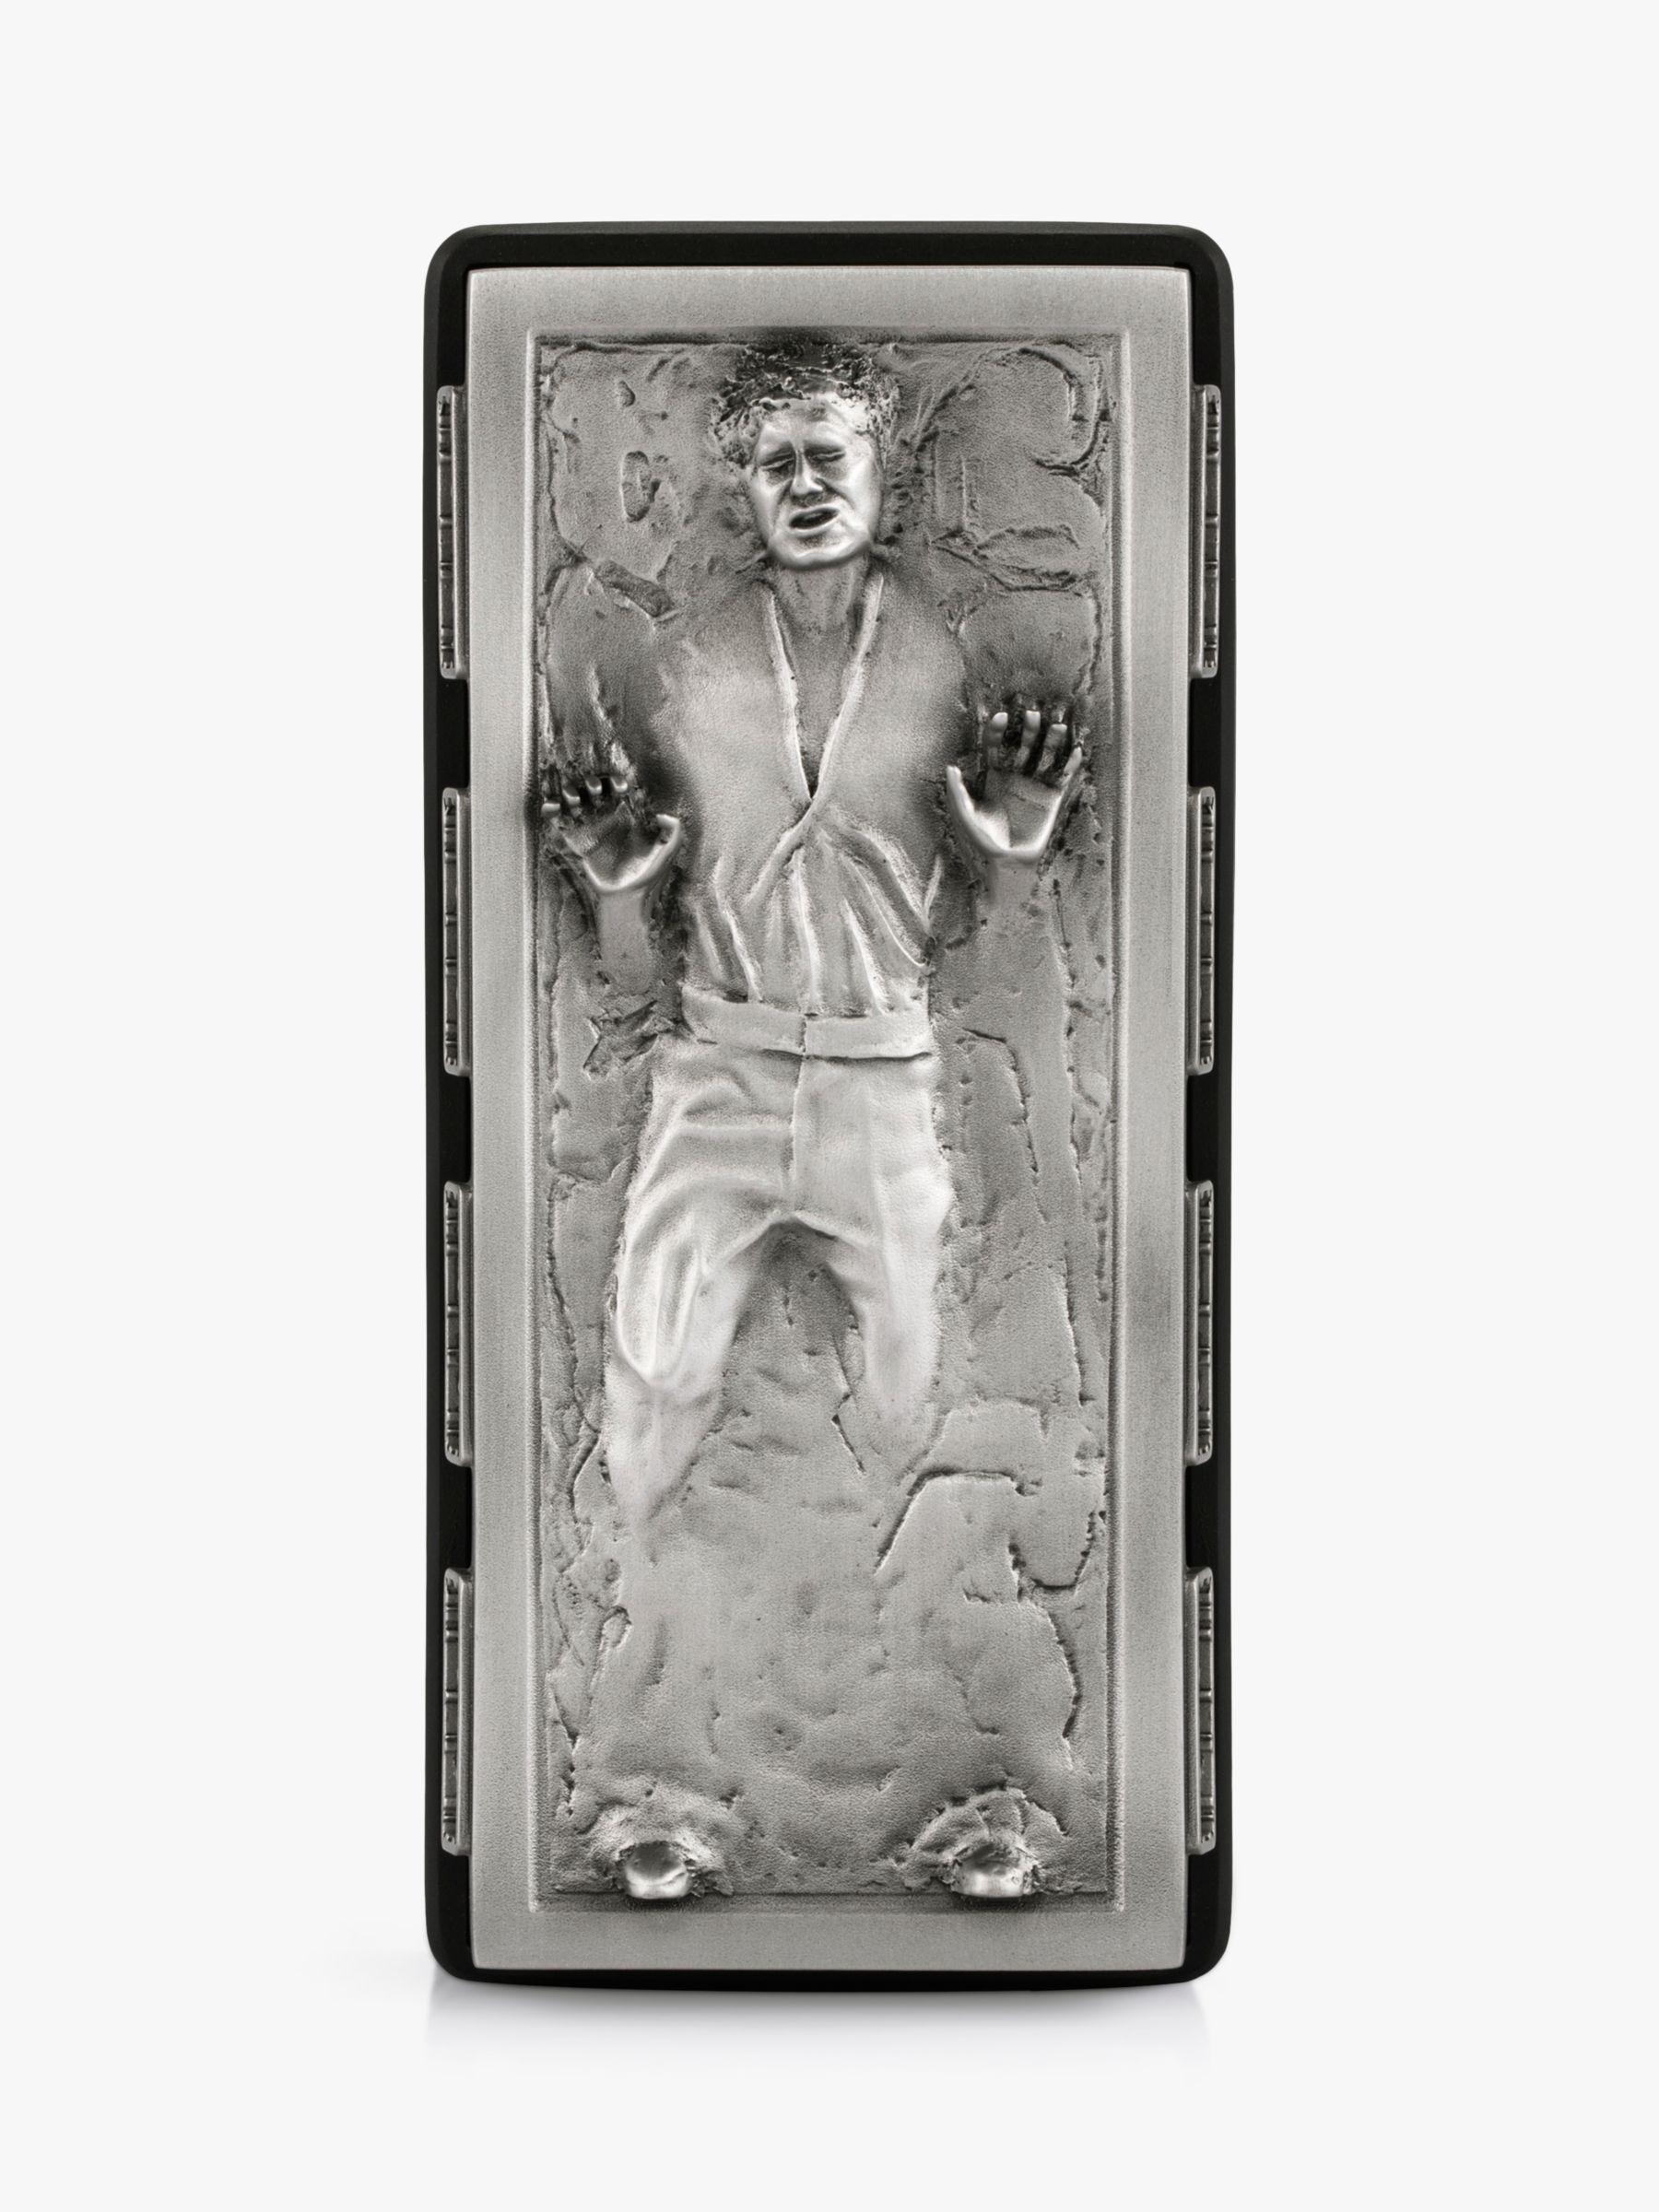 Royal Selangor Royal Selangor Han Solo Frozen in Carbonite Trinket Box